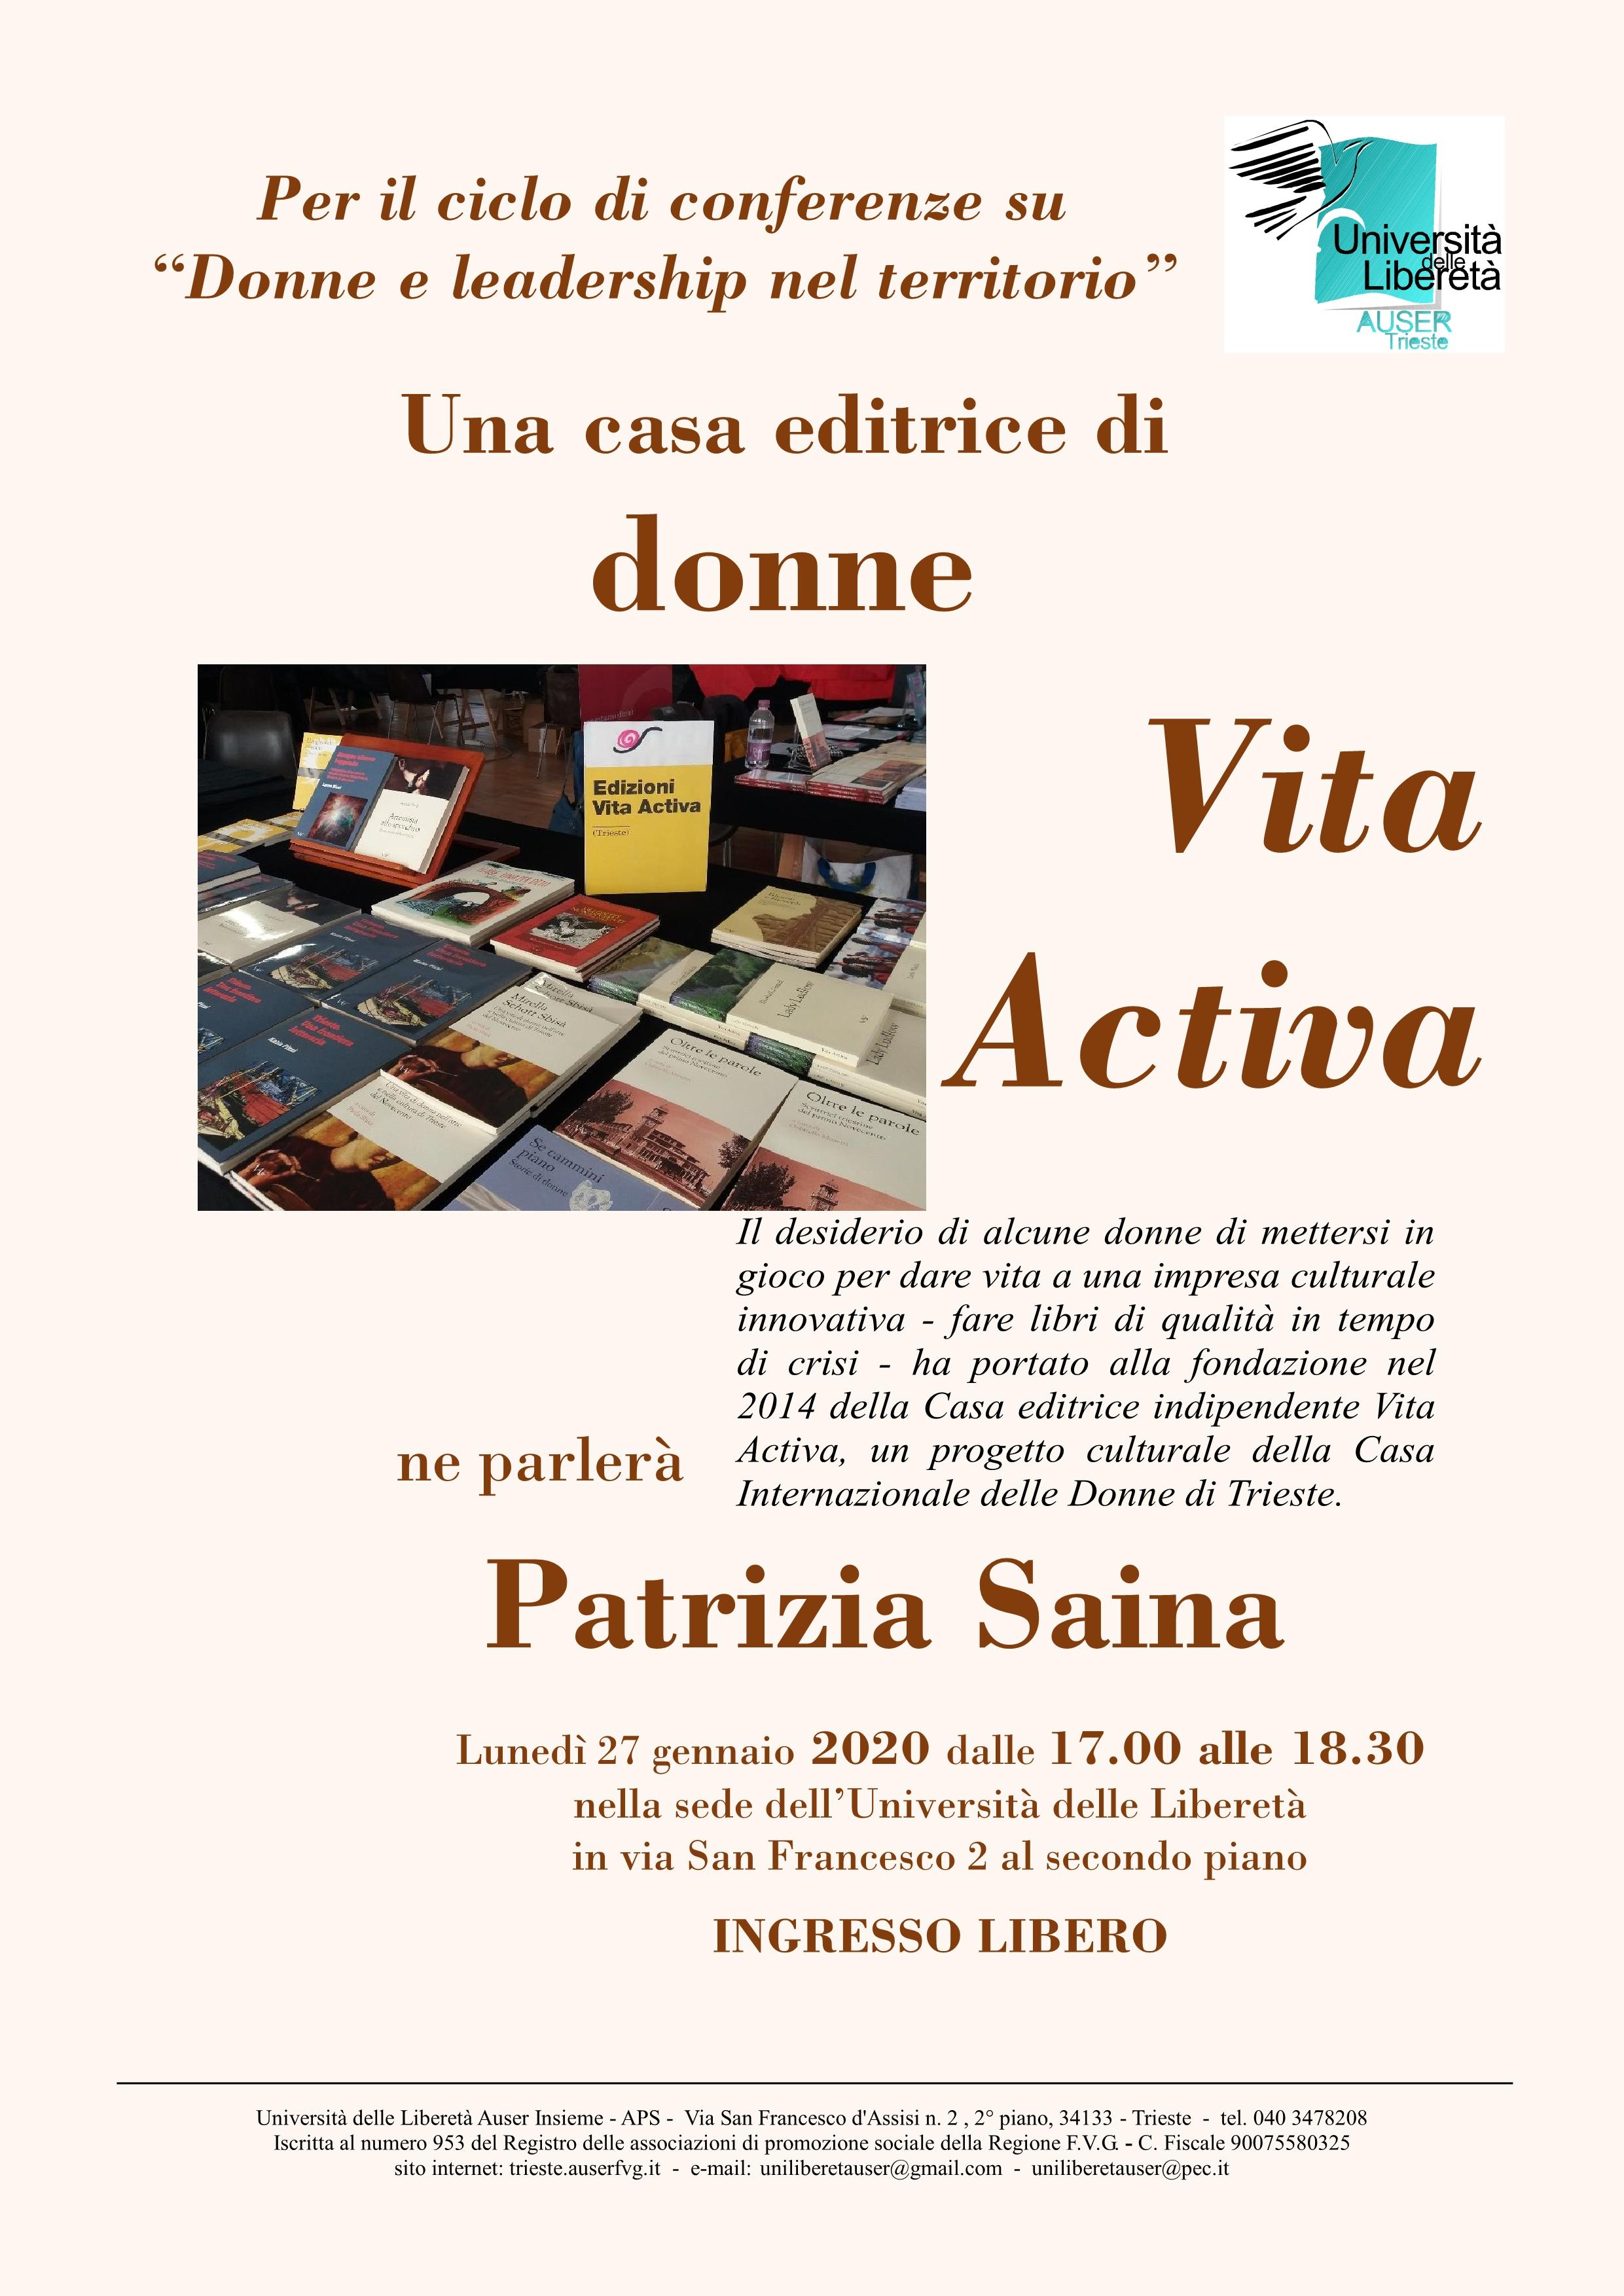 Patrizia Saina1